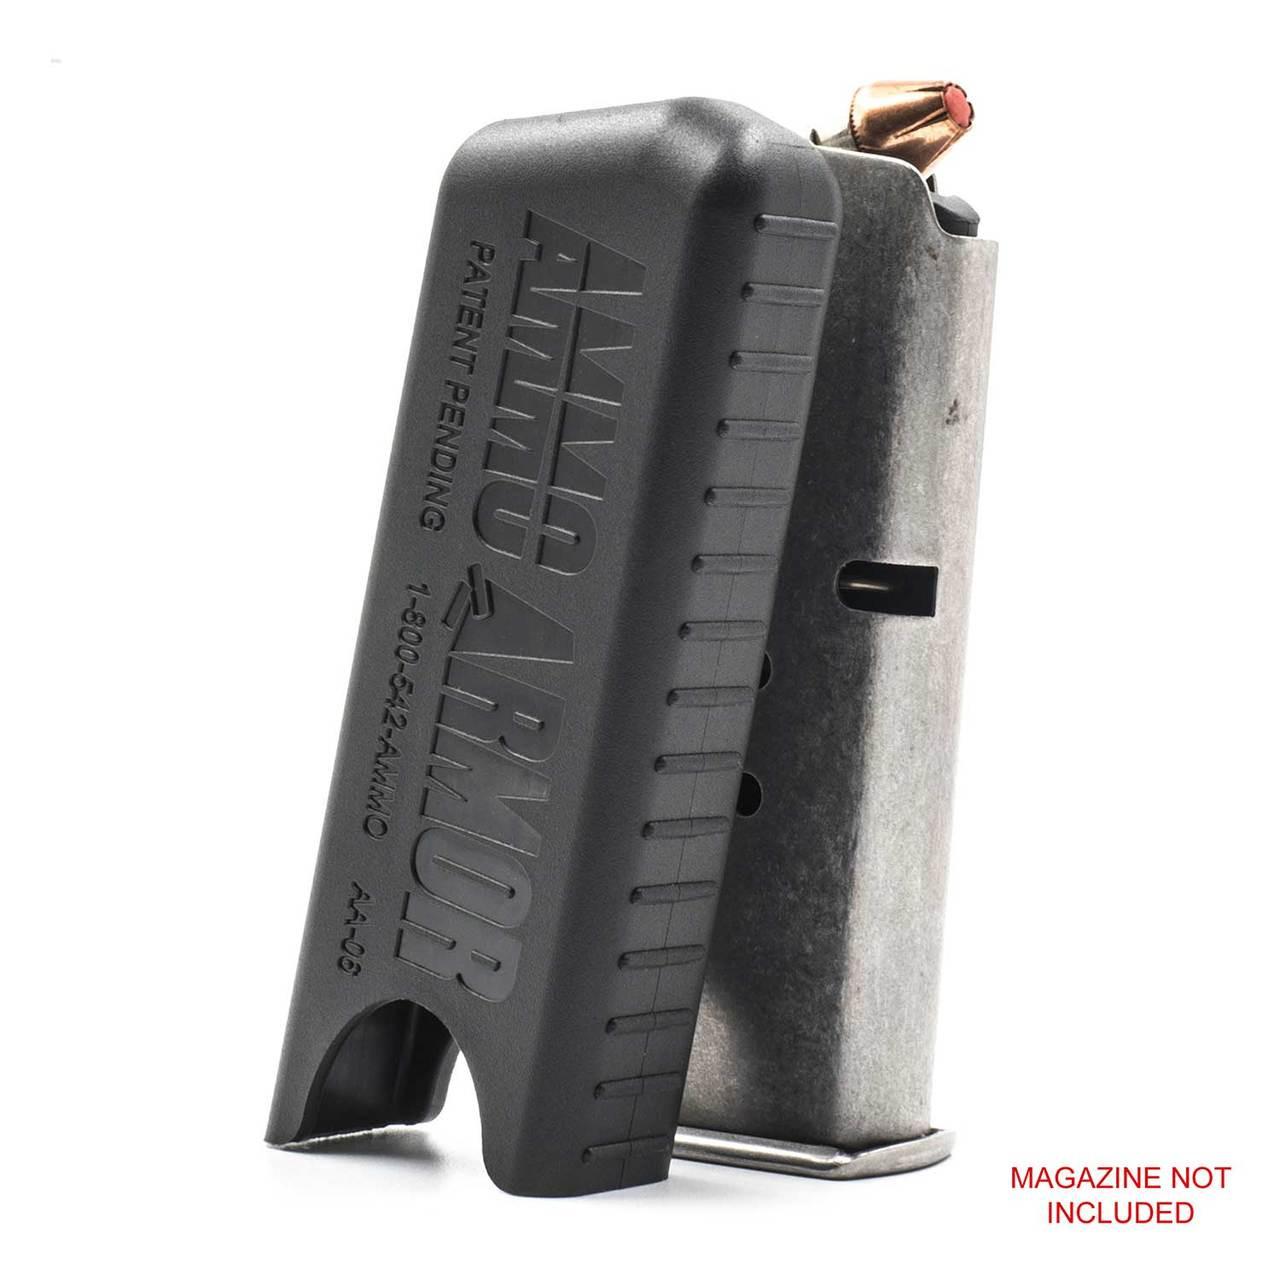 Bersa Thunder 380 Magazine Protector